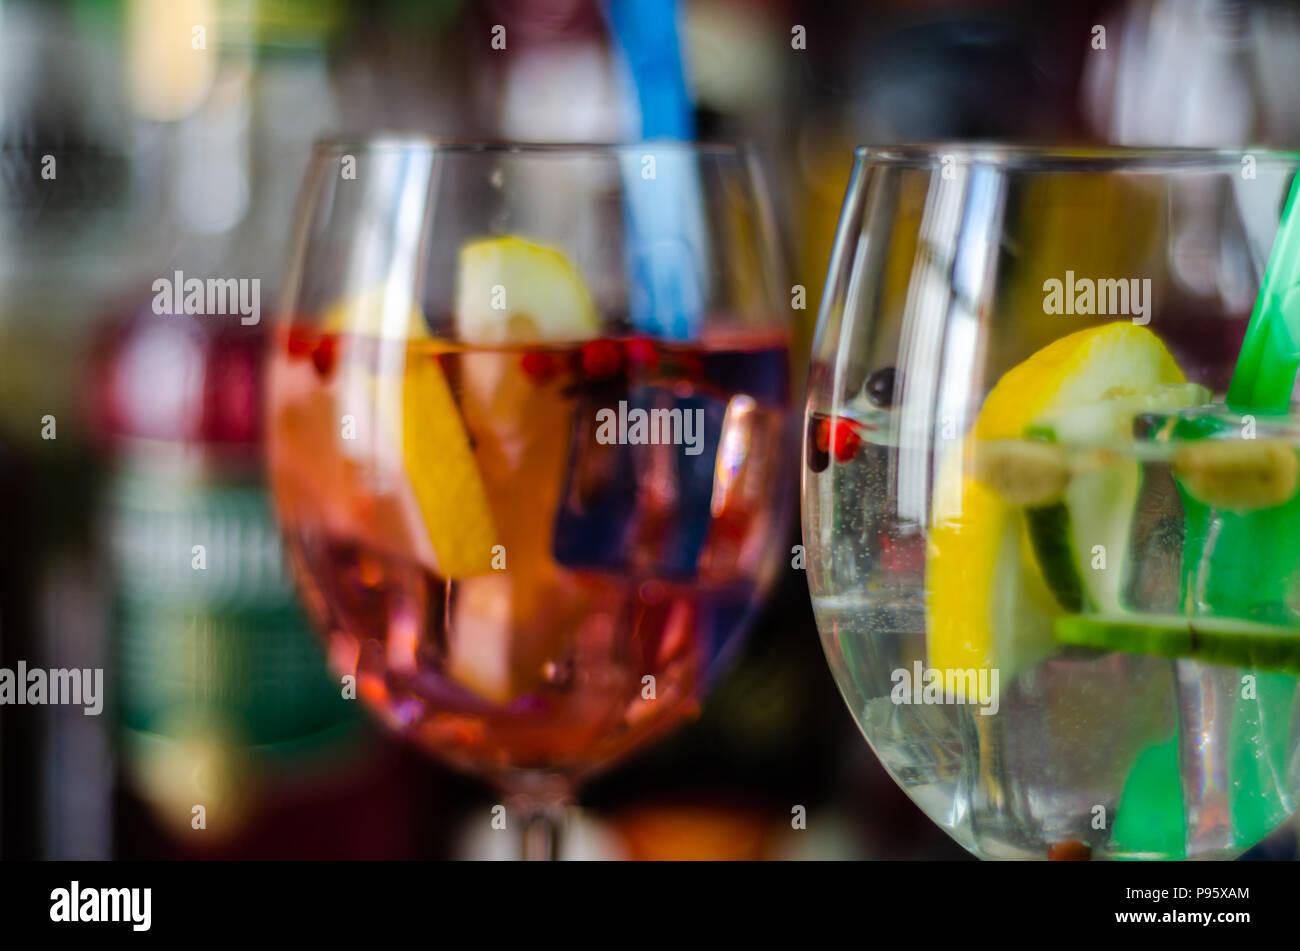 Fresca e dissetante cocktail a base di gin, un caratteristico aroma di erbe, bar Immagini Stock